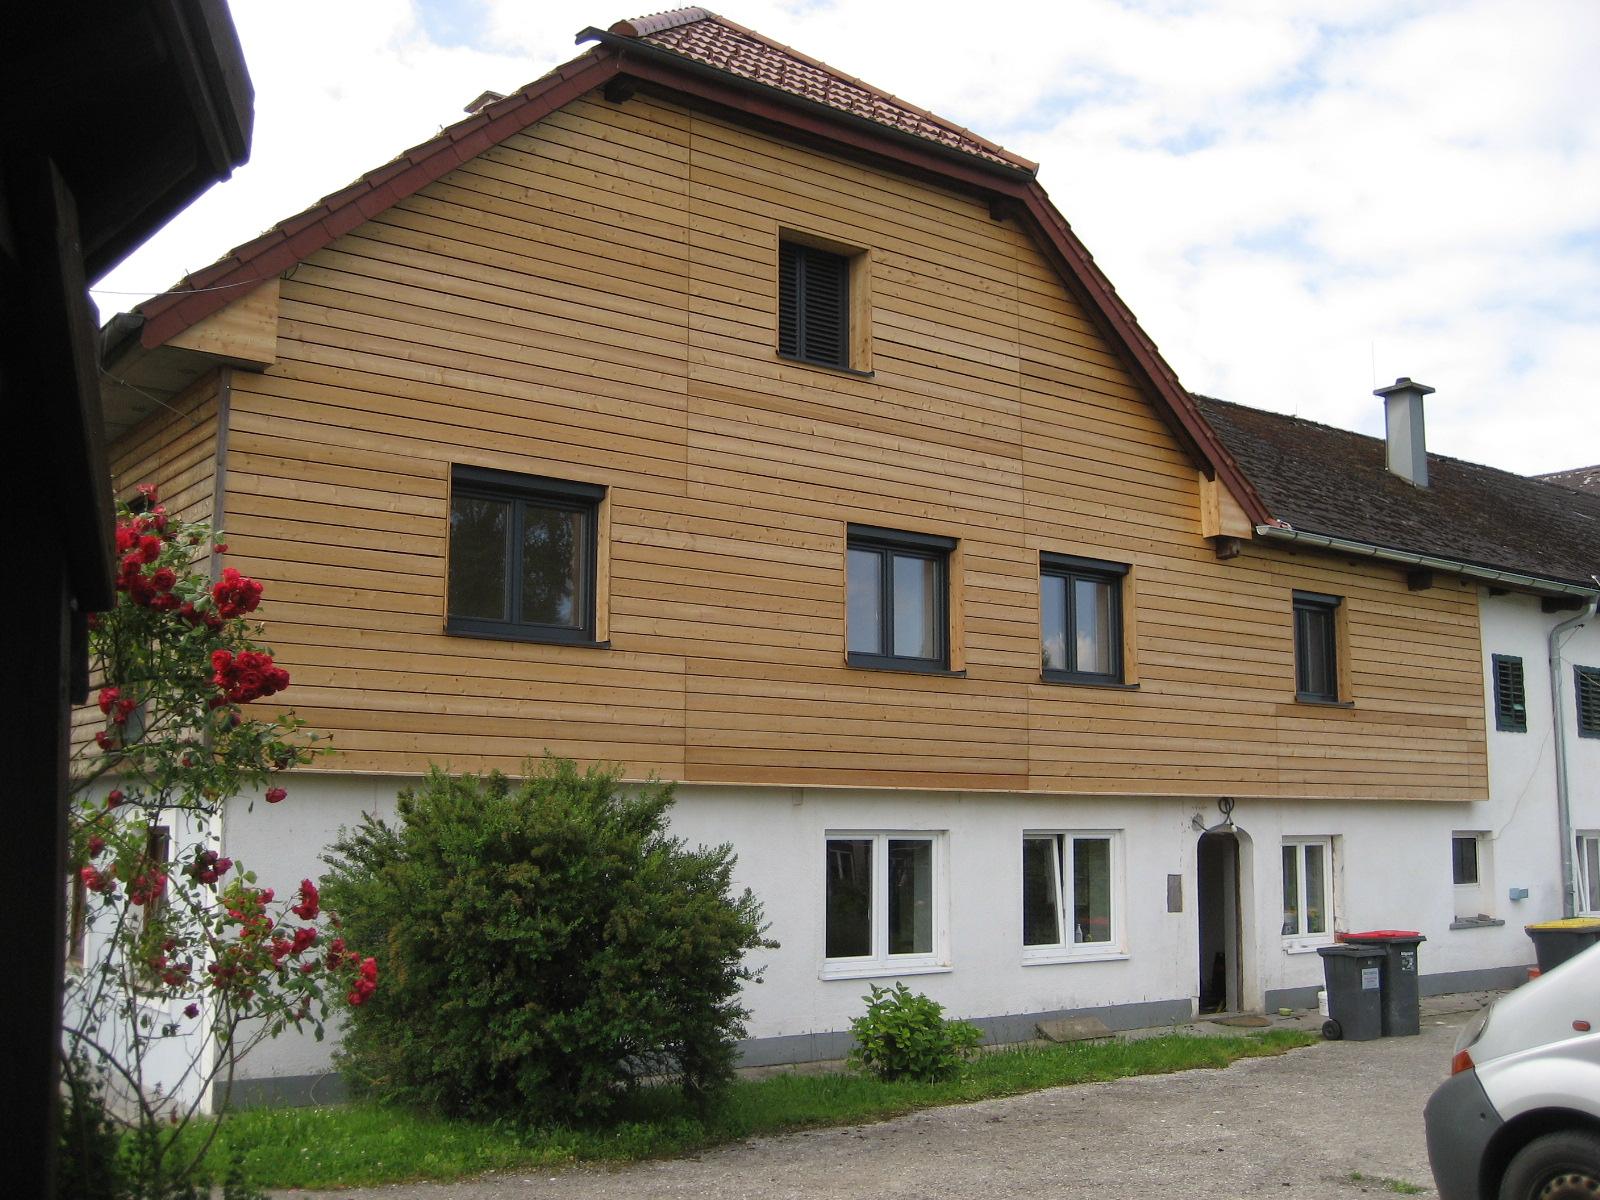 Fassadenschalung Rhombusprofil